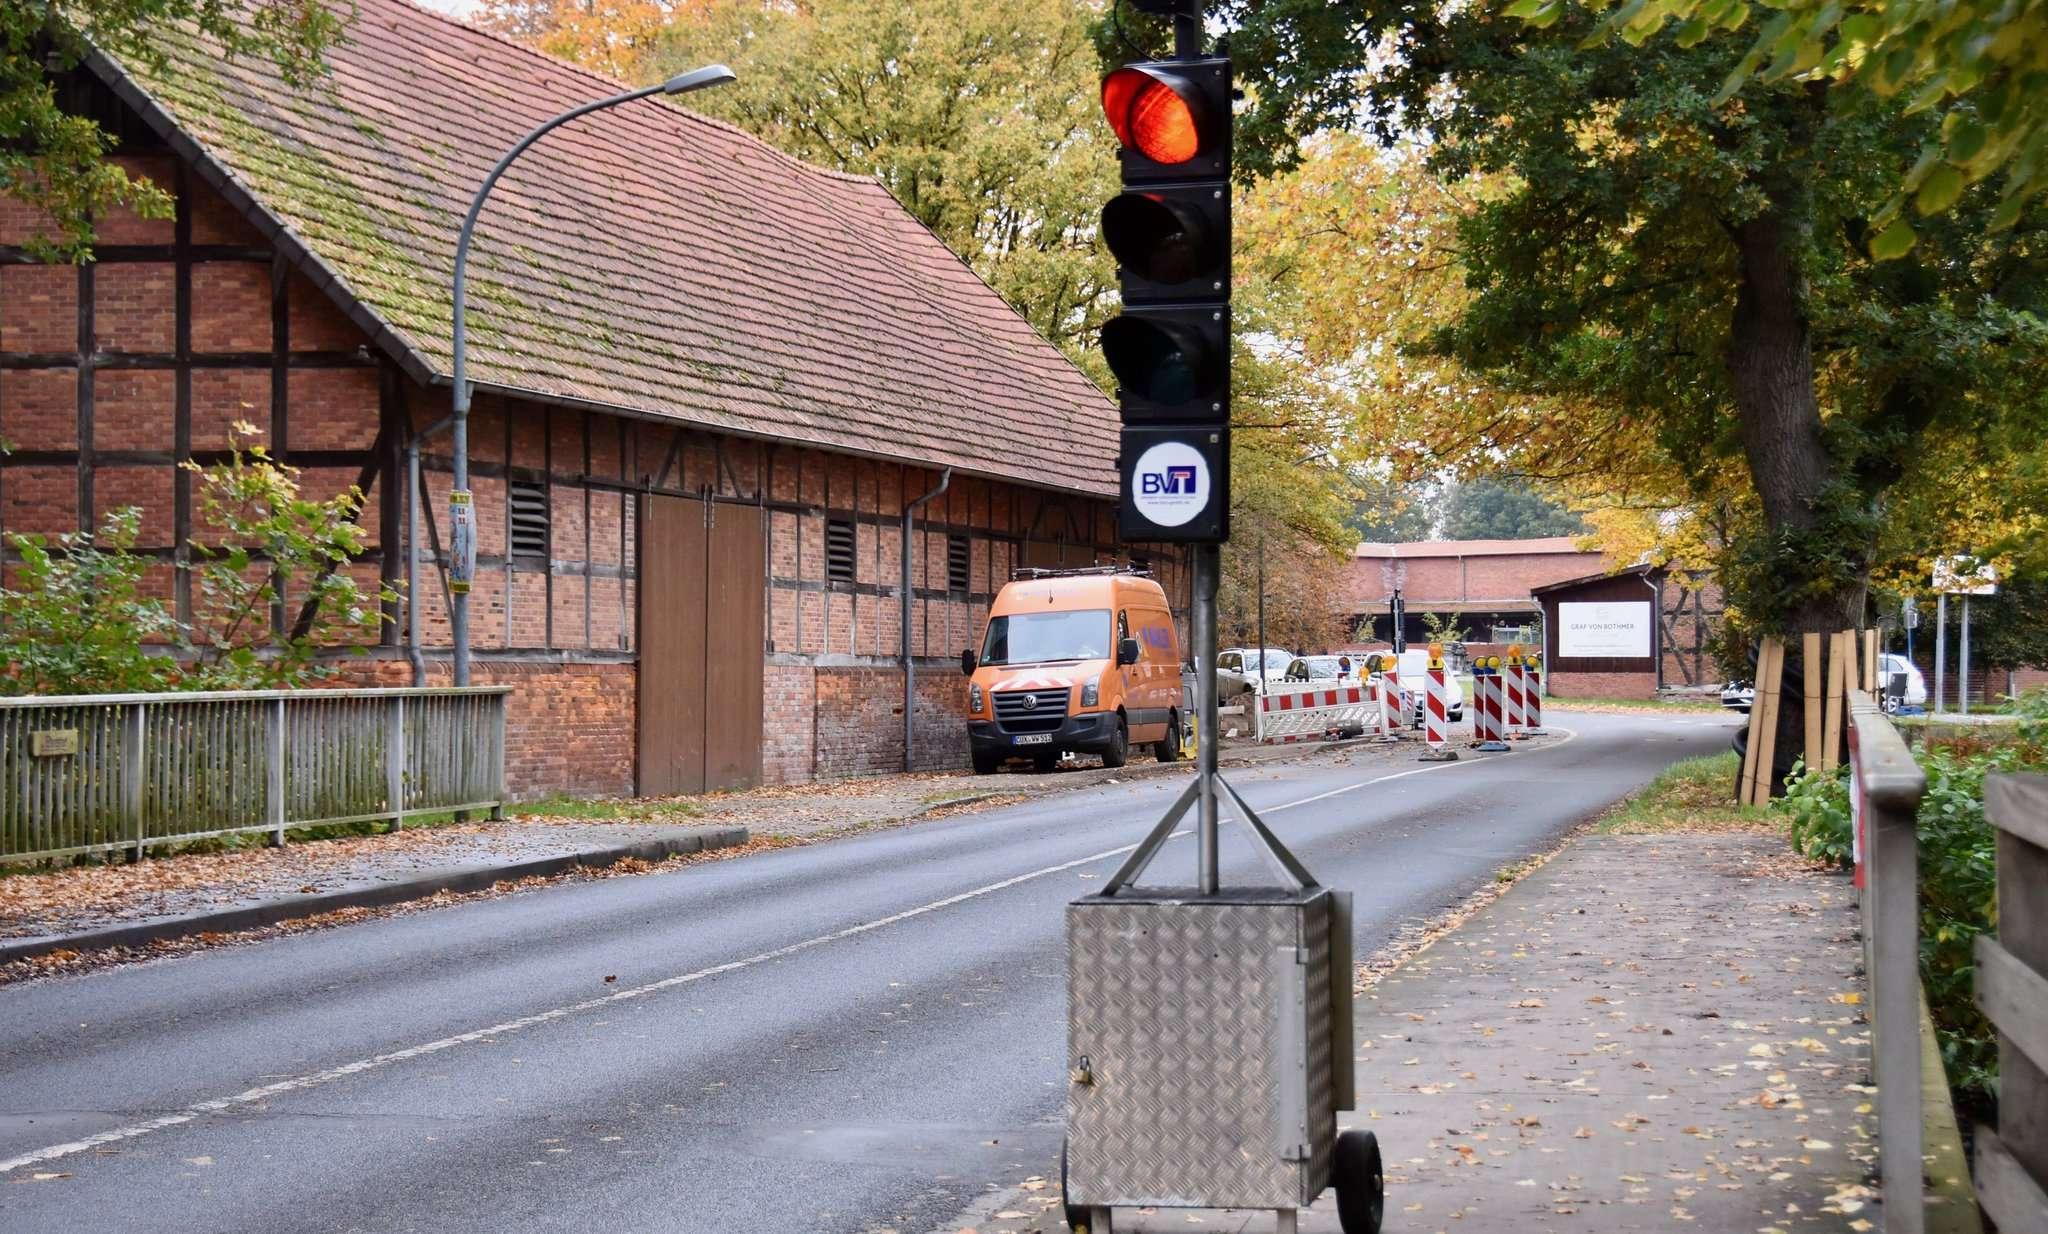 Ab Ende November wird die Brücke über die Wümme erneuert und für den Verkehr gesperrt. Fotos: Judith Tausenfreund